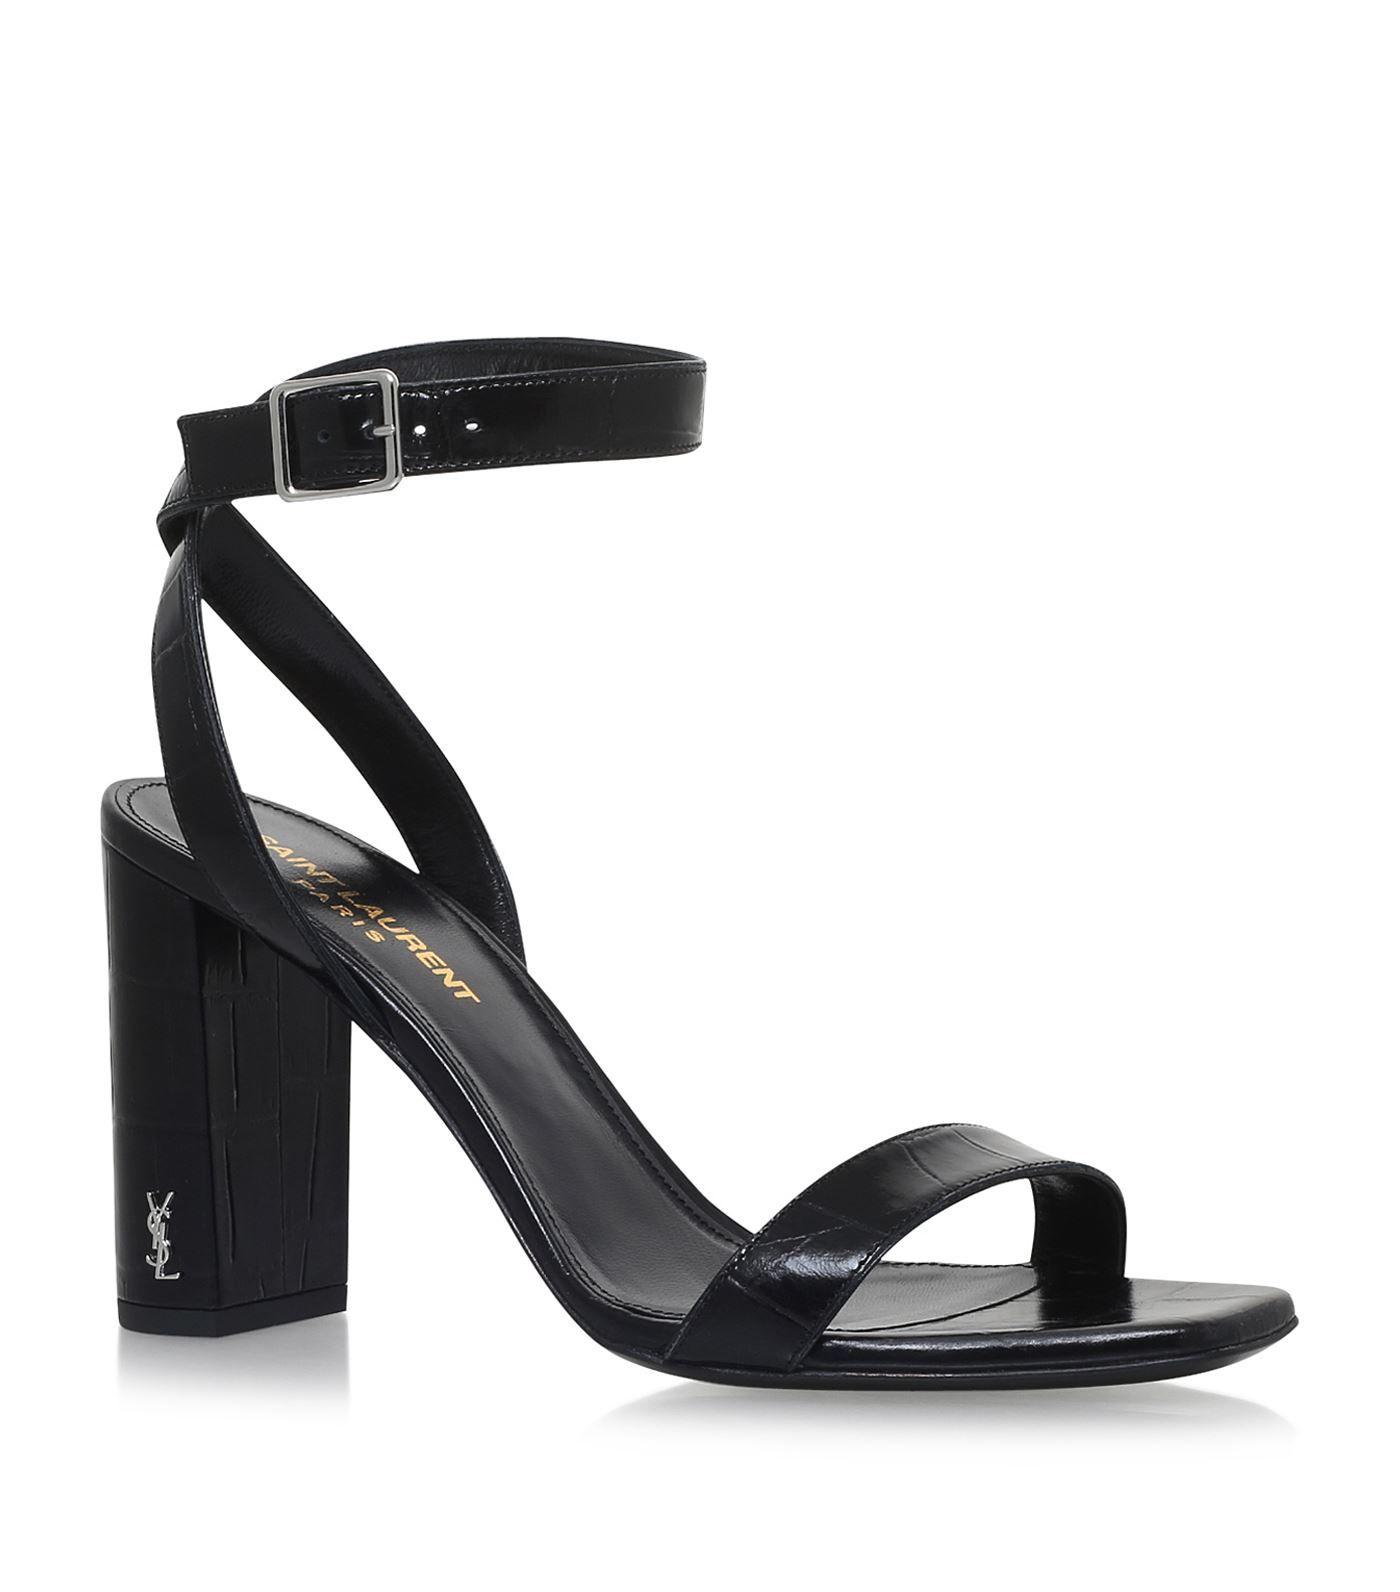 c4dab074a7e Saint Laurent LouLou Ankle Strap Sandals 95